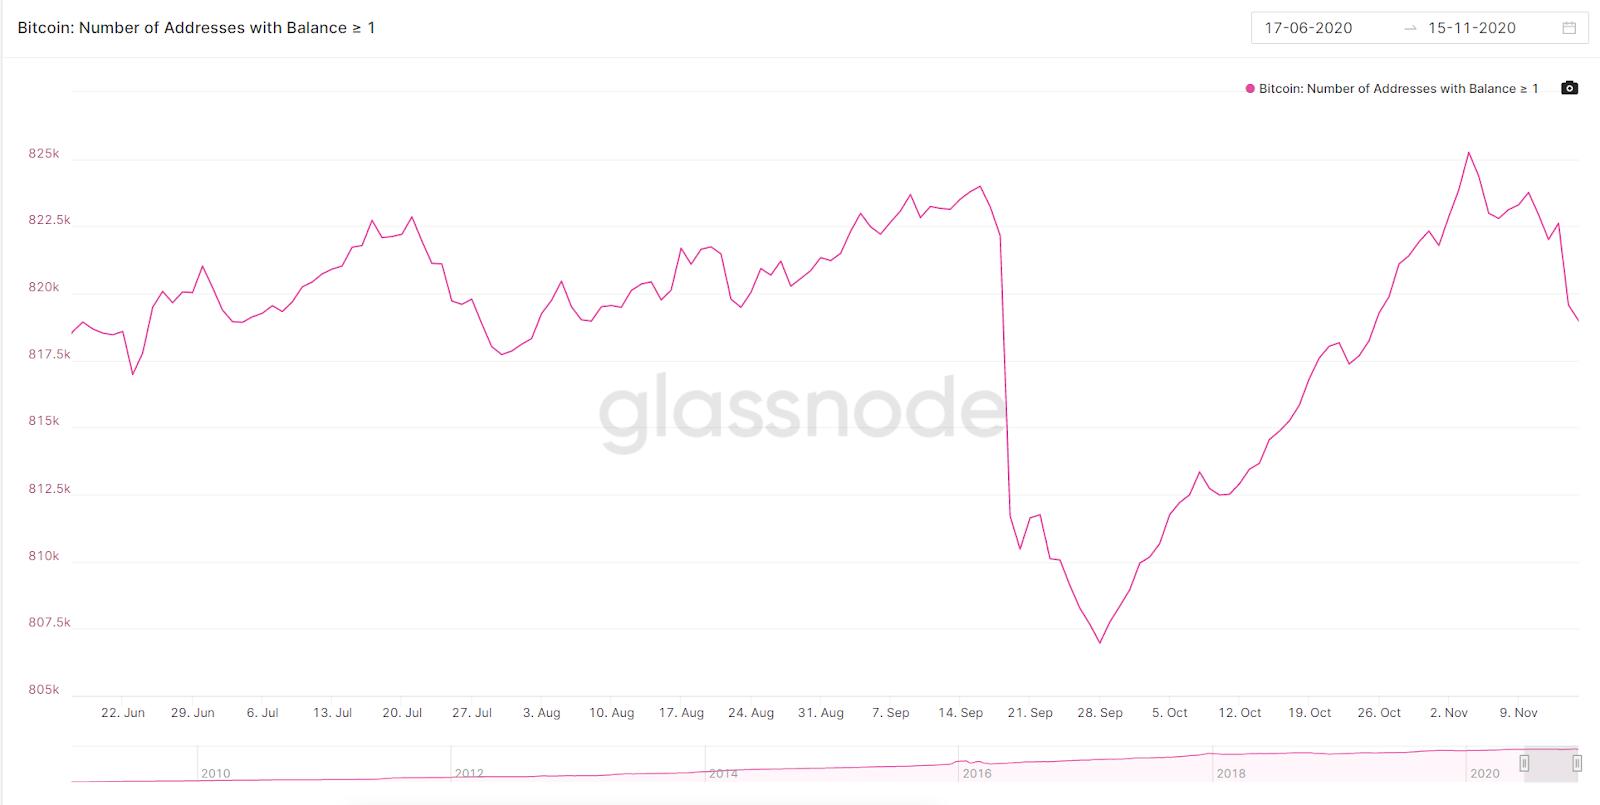 giá của Bitcoin là 13,903 đô la, cao hơn khoảng ba mươi lần so với giá hiện tại của Ethereum.